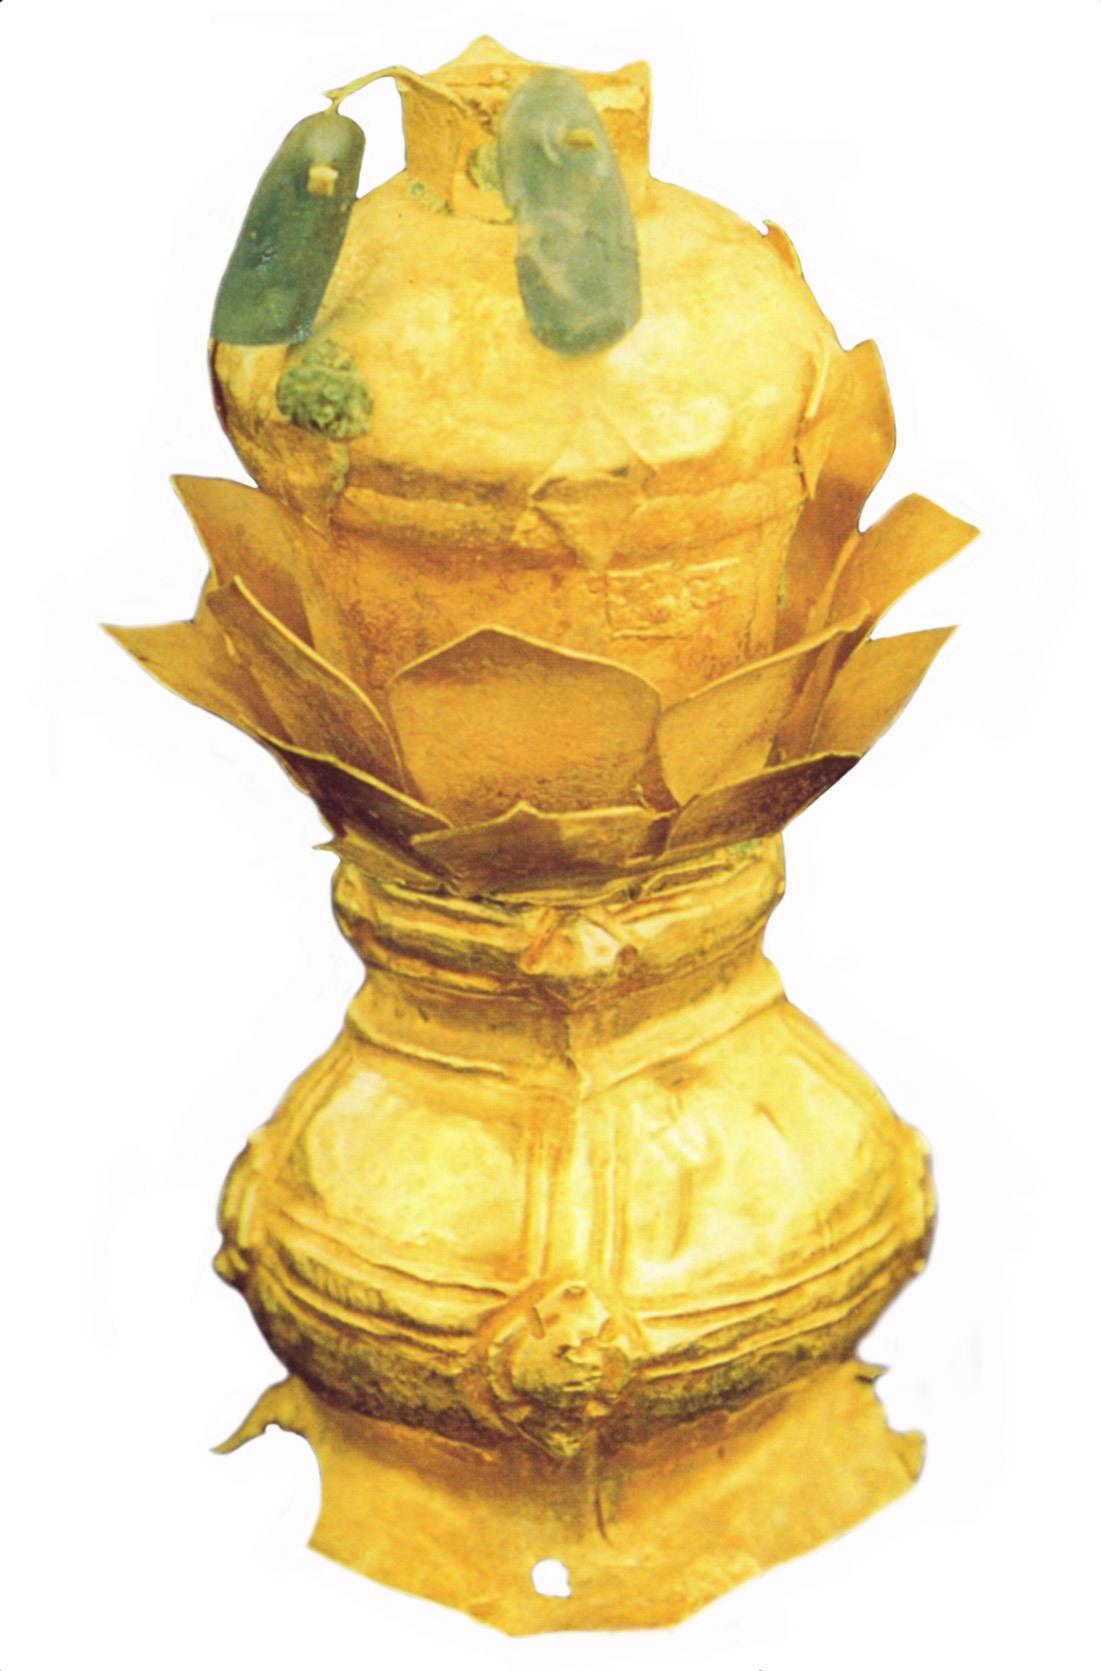 Trang sức hình bình hoa bằng vàng.